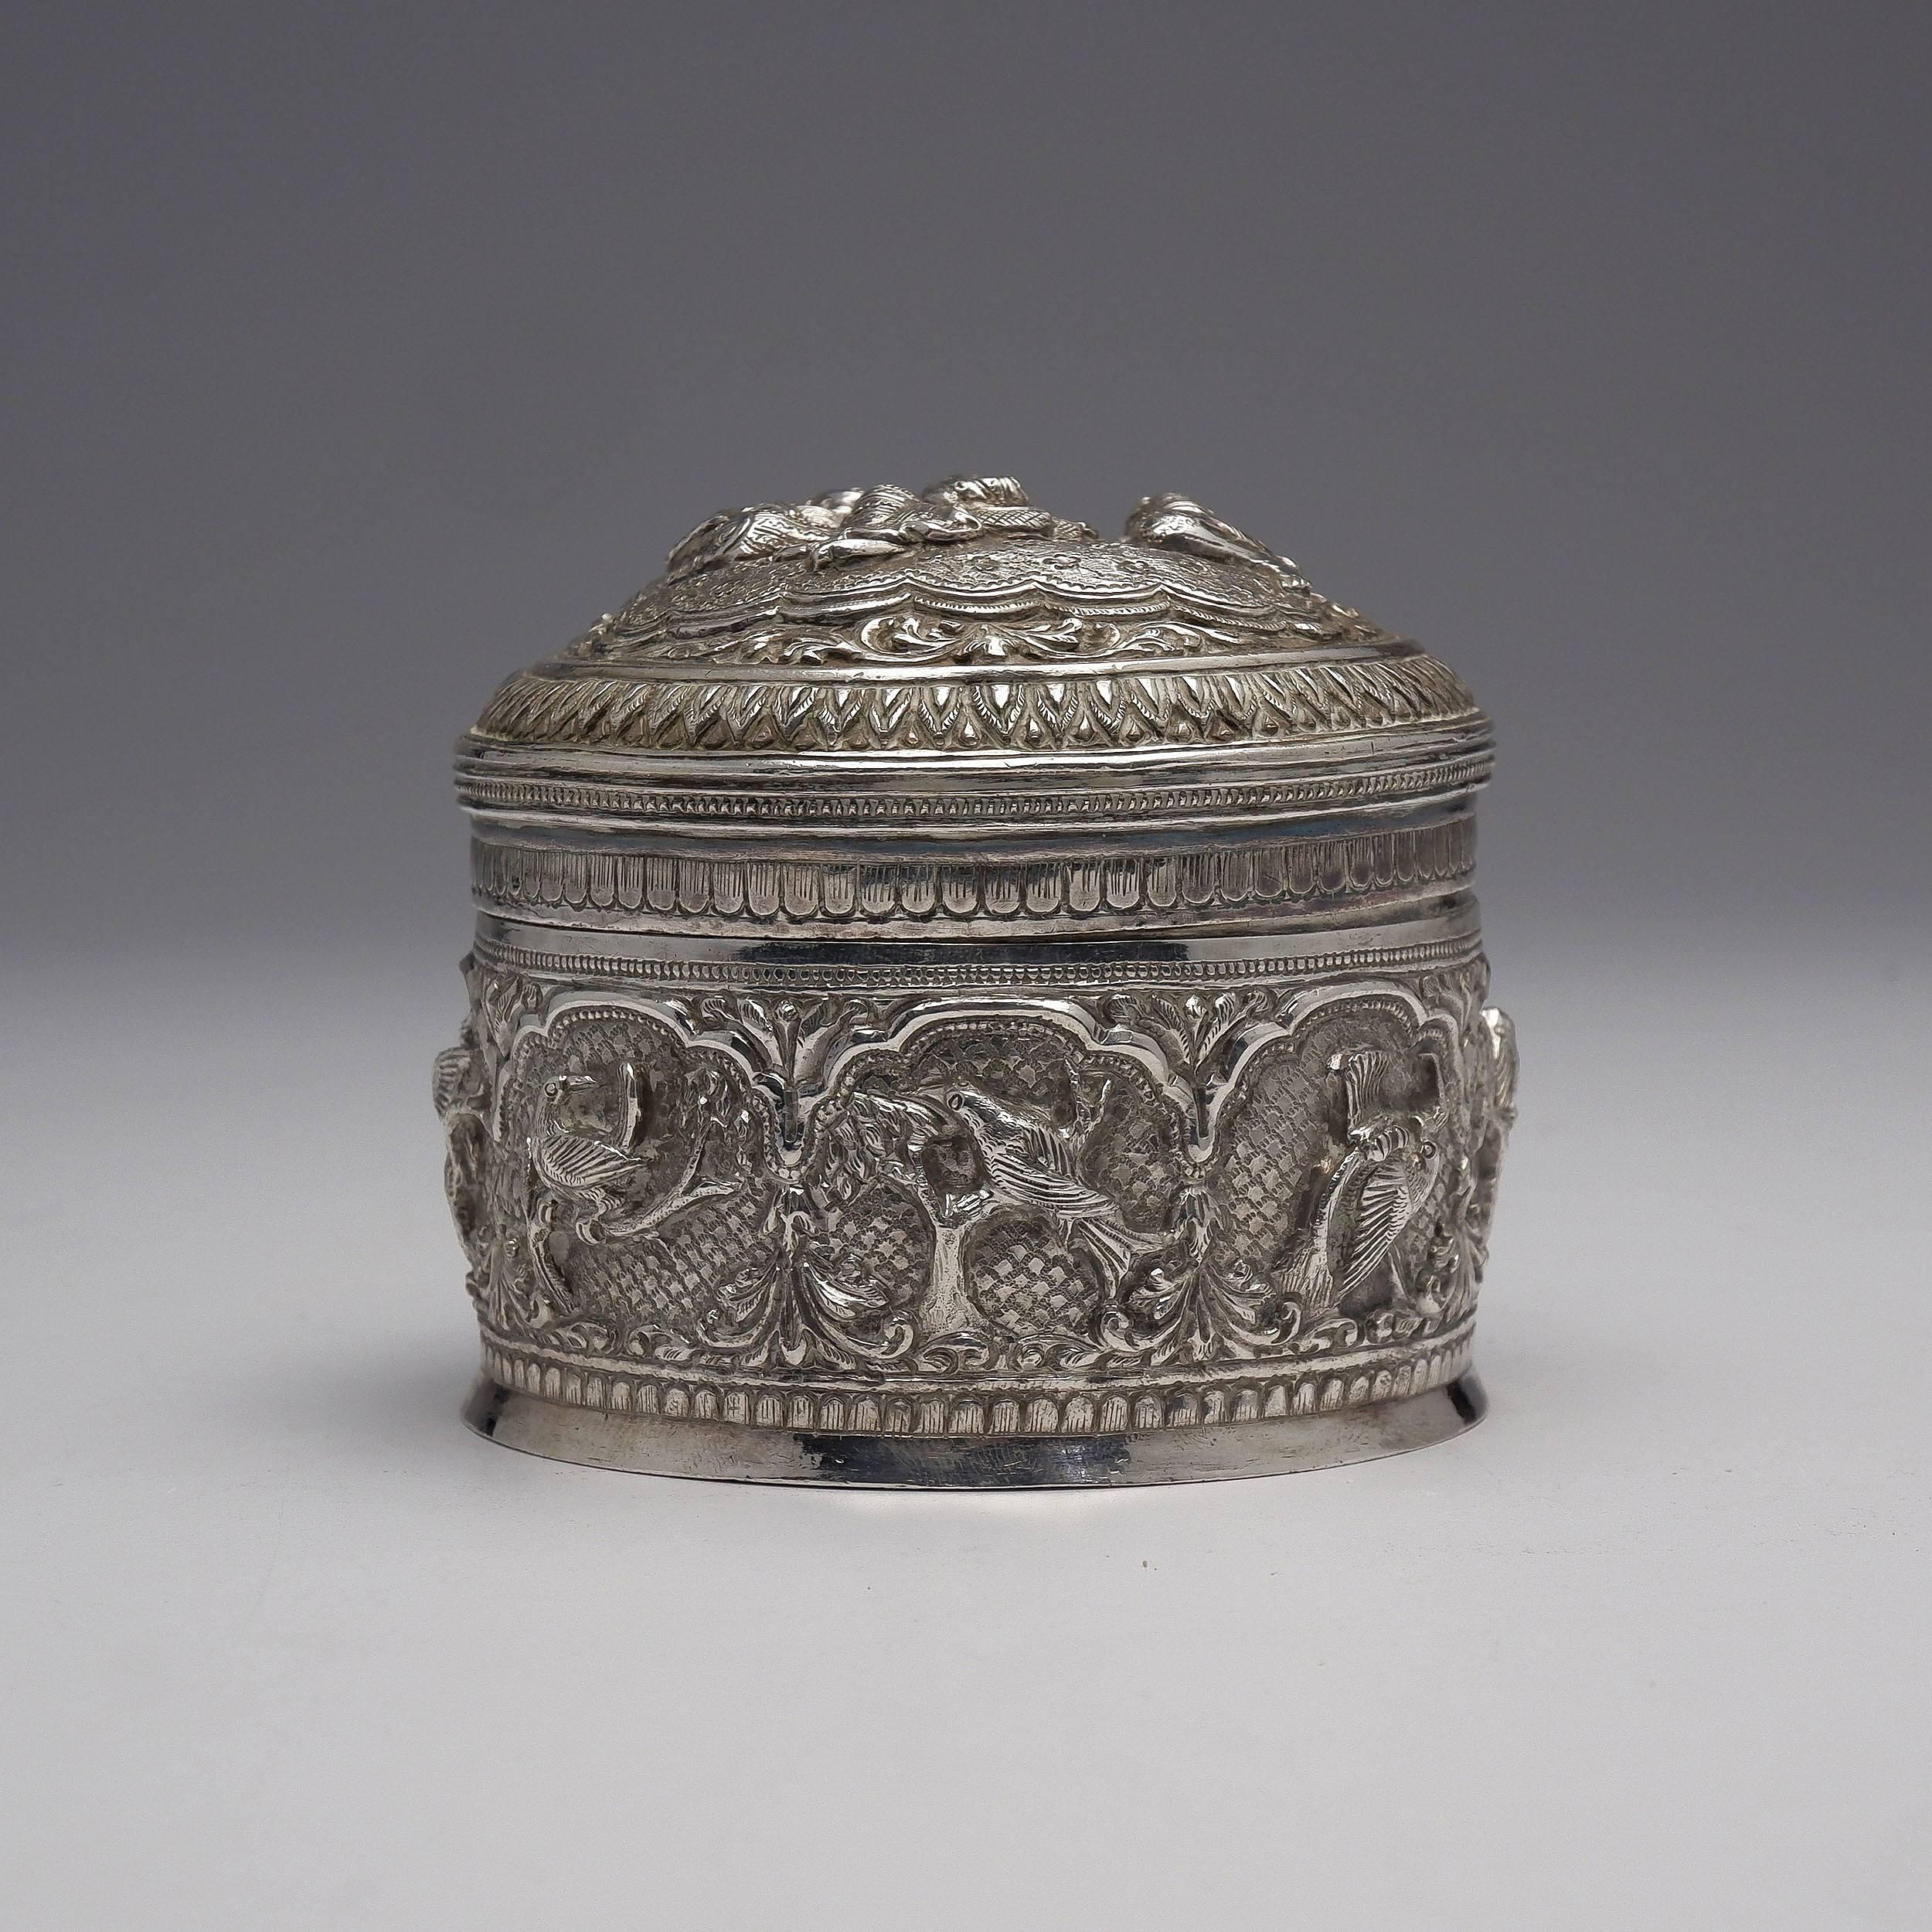 'Burmese Heavily Repousse Silver Box, 175g'